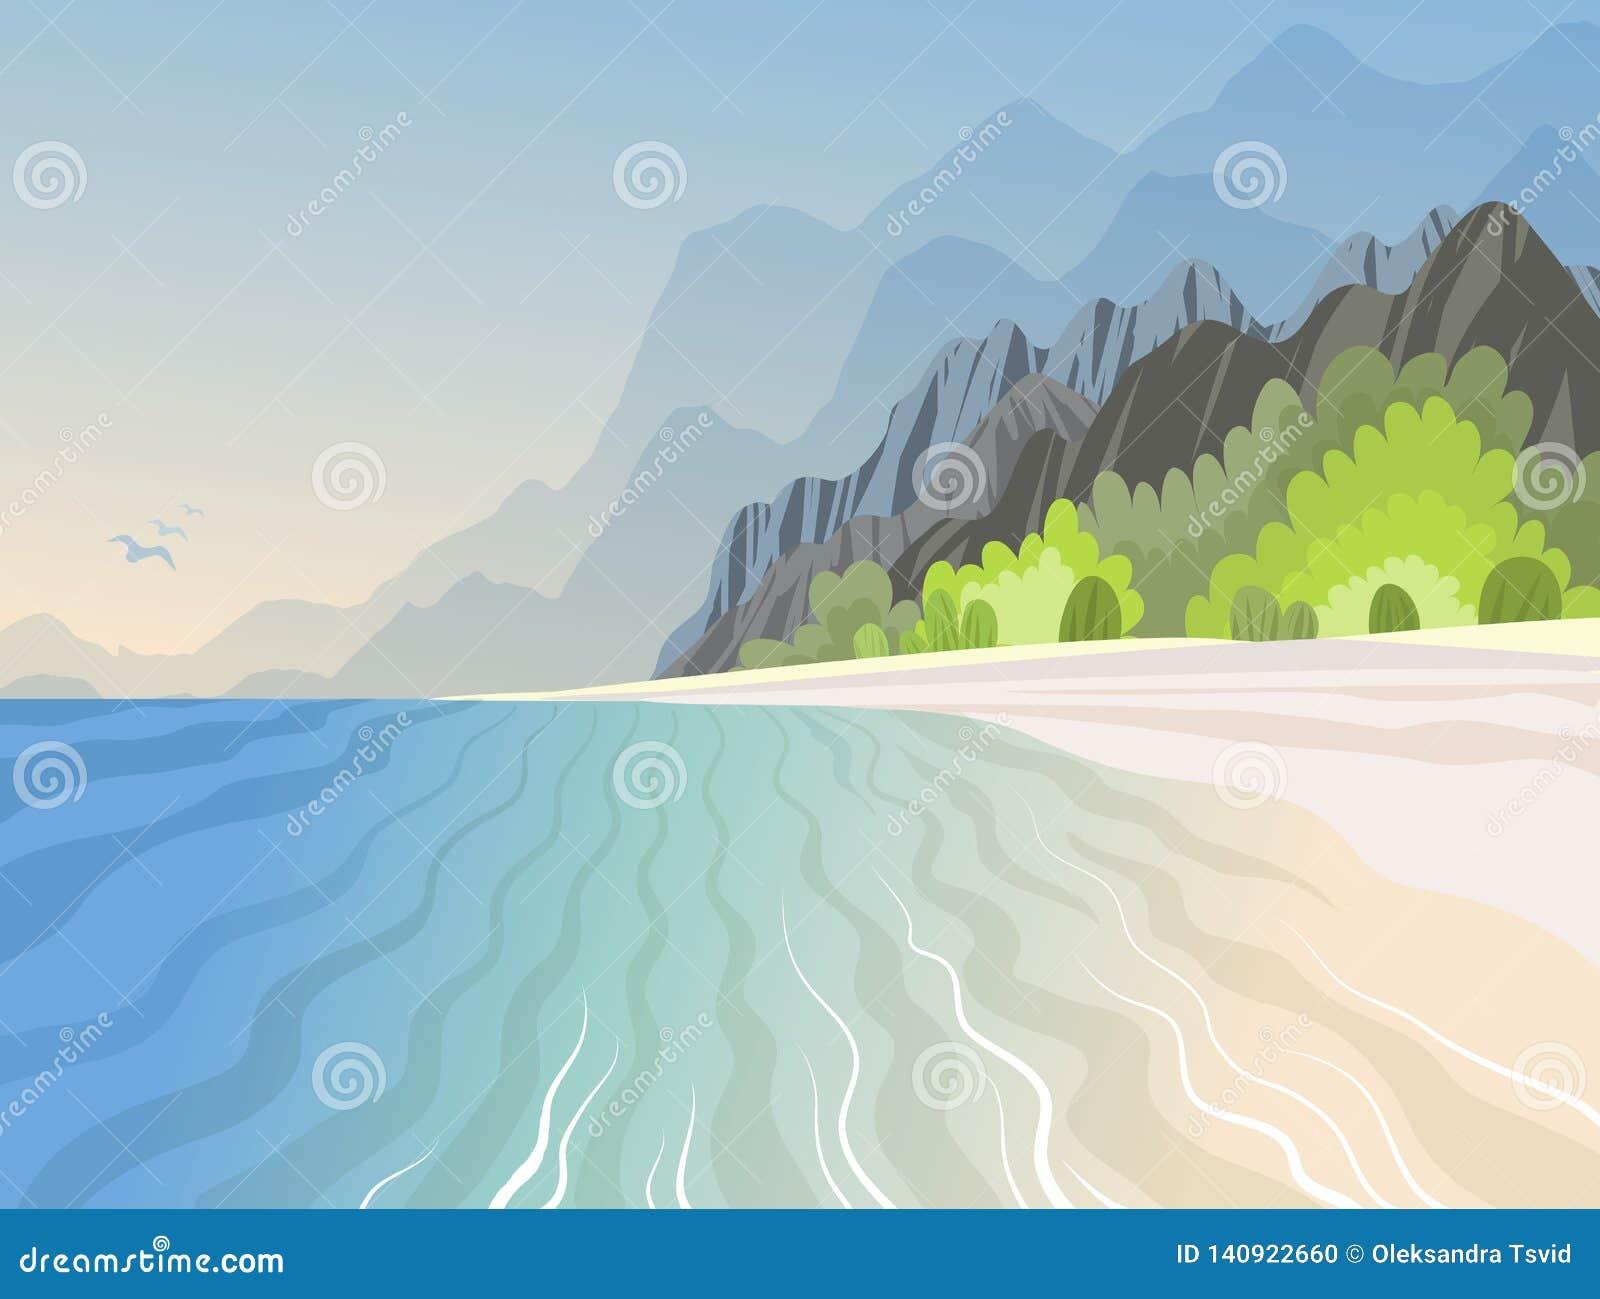 Tropeninsel im Ozean mit mit Hochgebirge und azurblauem Strand